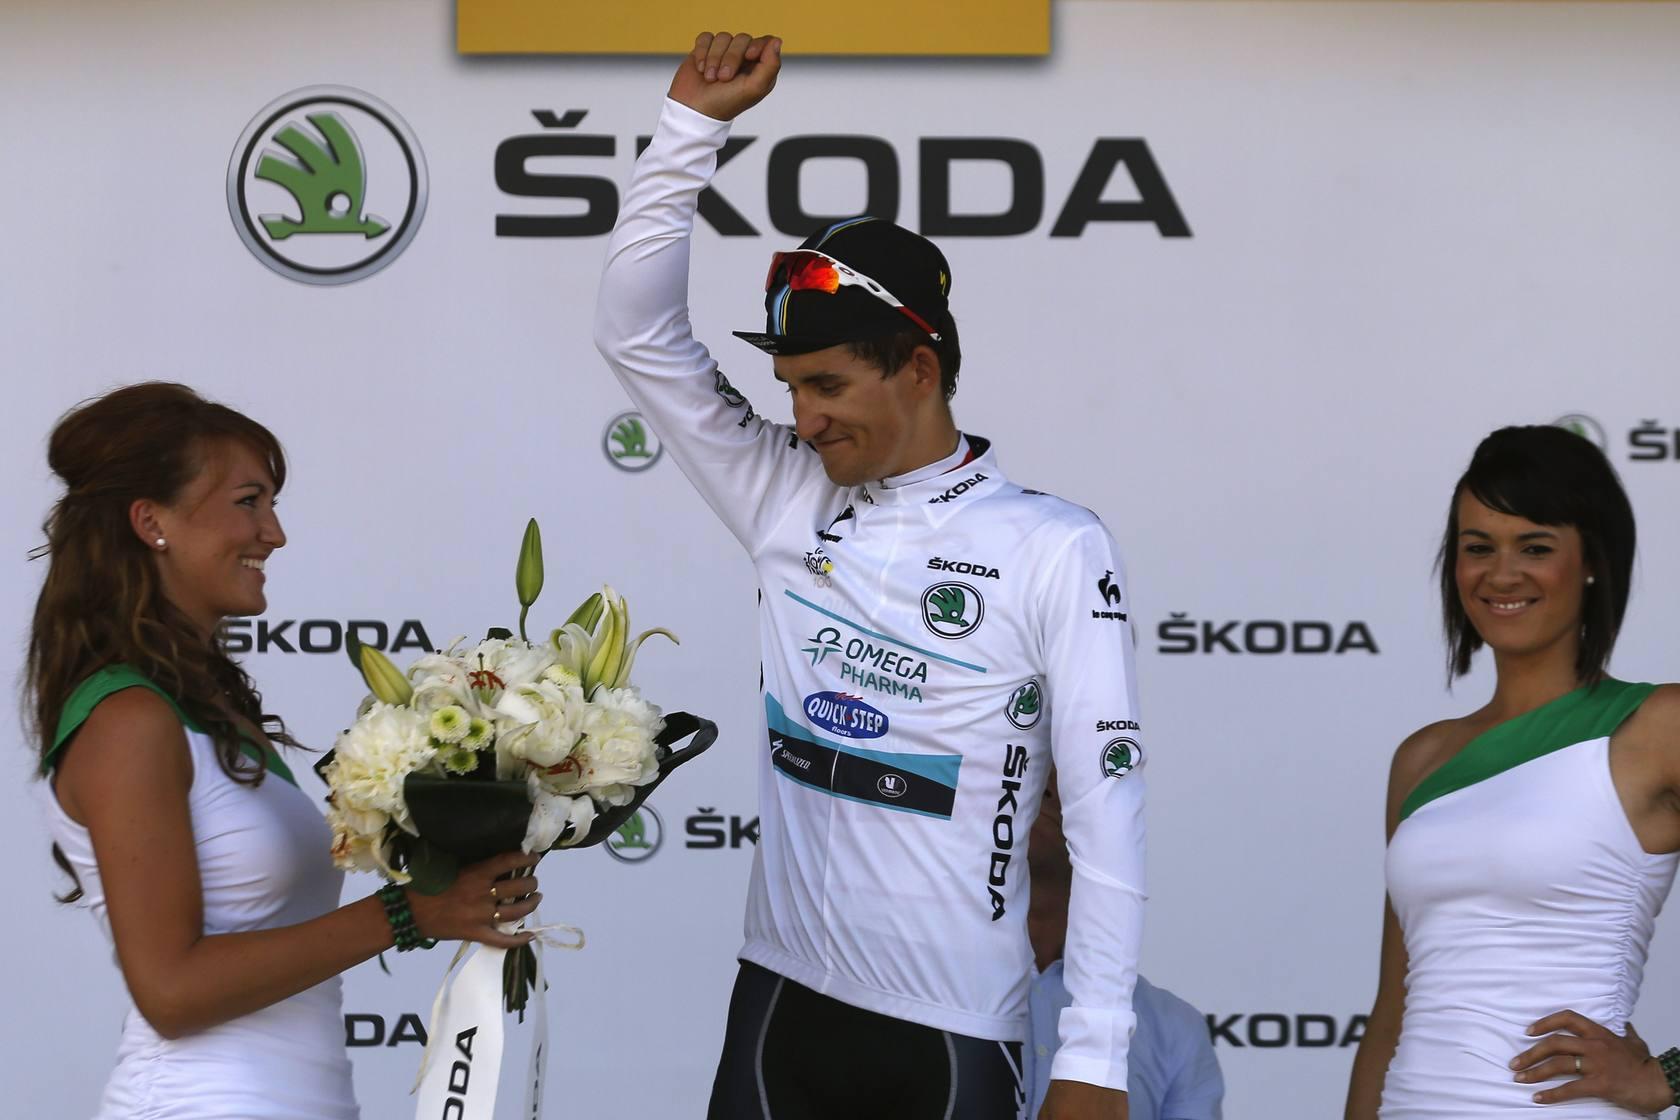 Gerrans gana la tercera etapa del Tour , Bakelants conserva el liderato